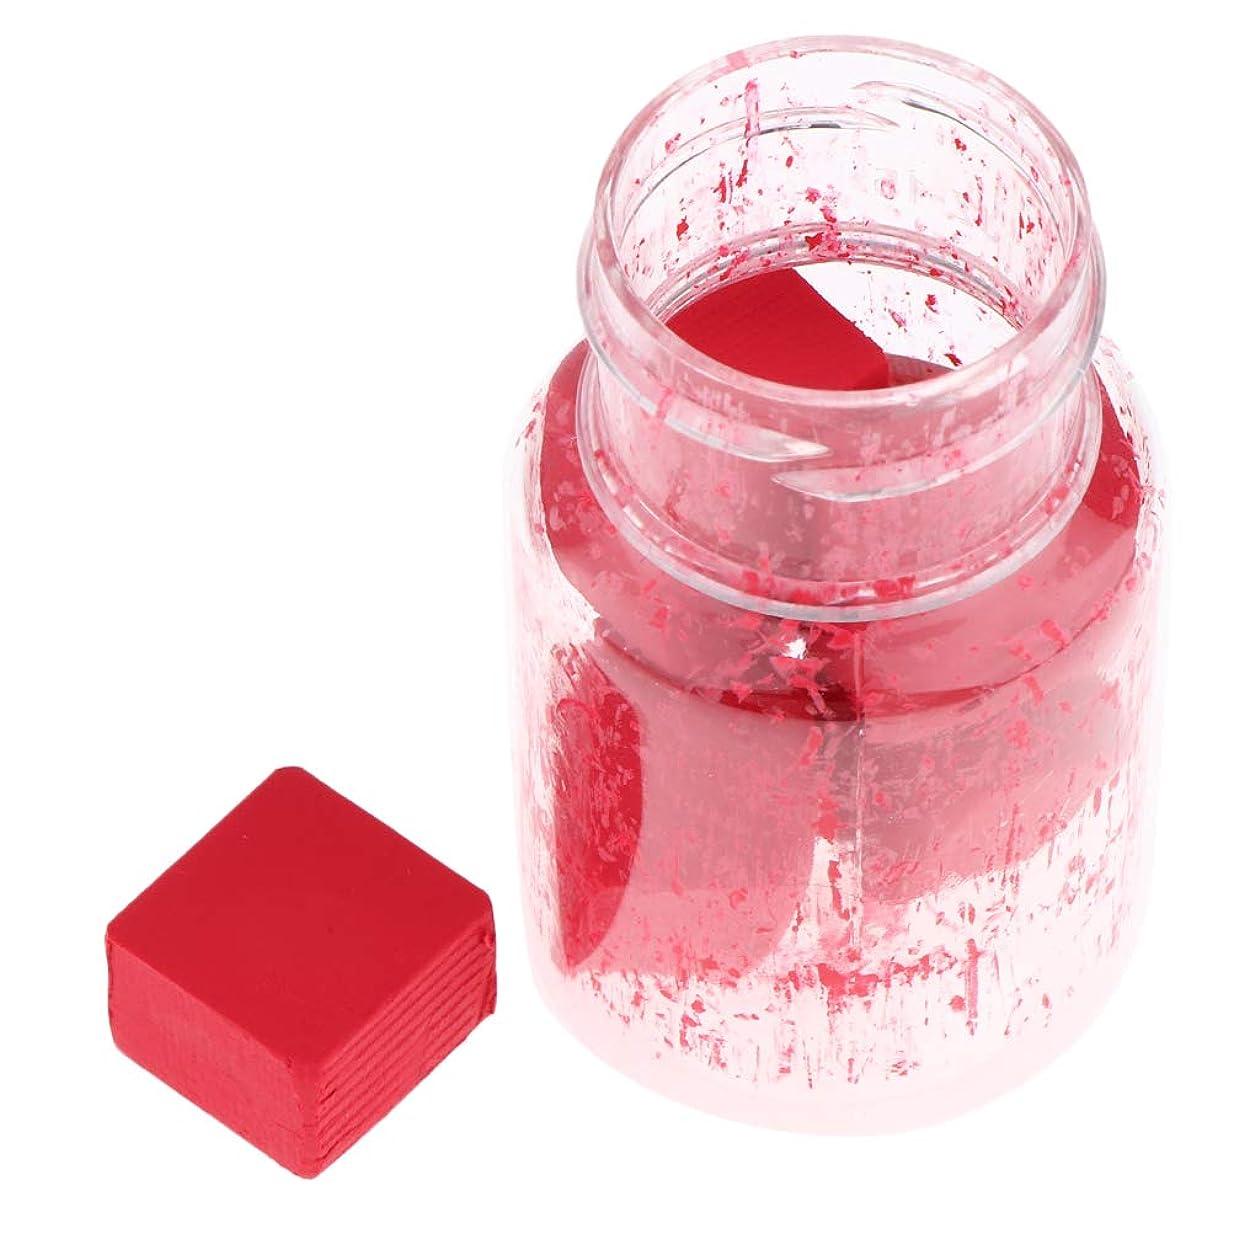 届ける苦情文句入浴T TOOYFUL DIY 口紅作り リップスティック材料 リップライナー顔料 2g DIY化粧品 9色選択でき - B